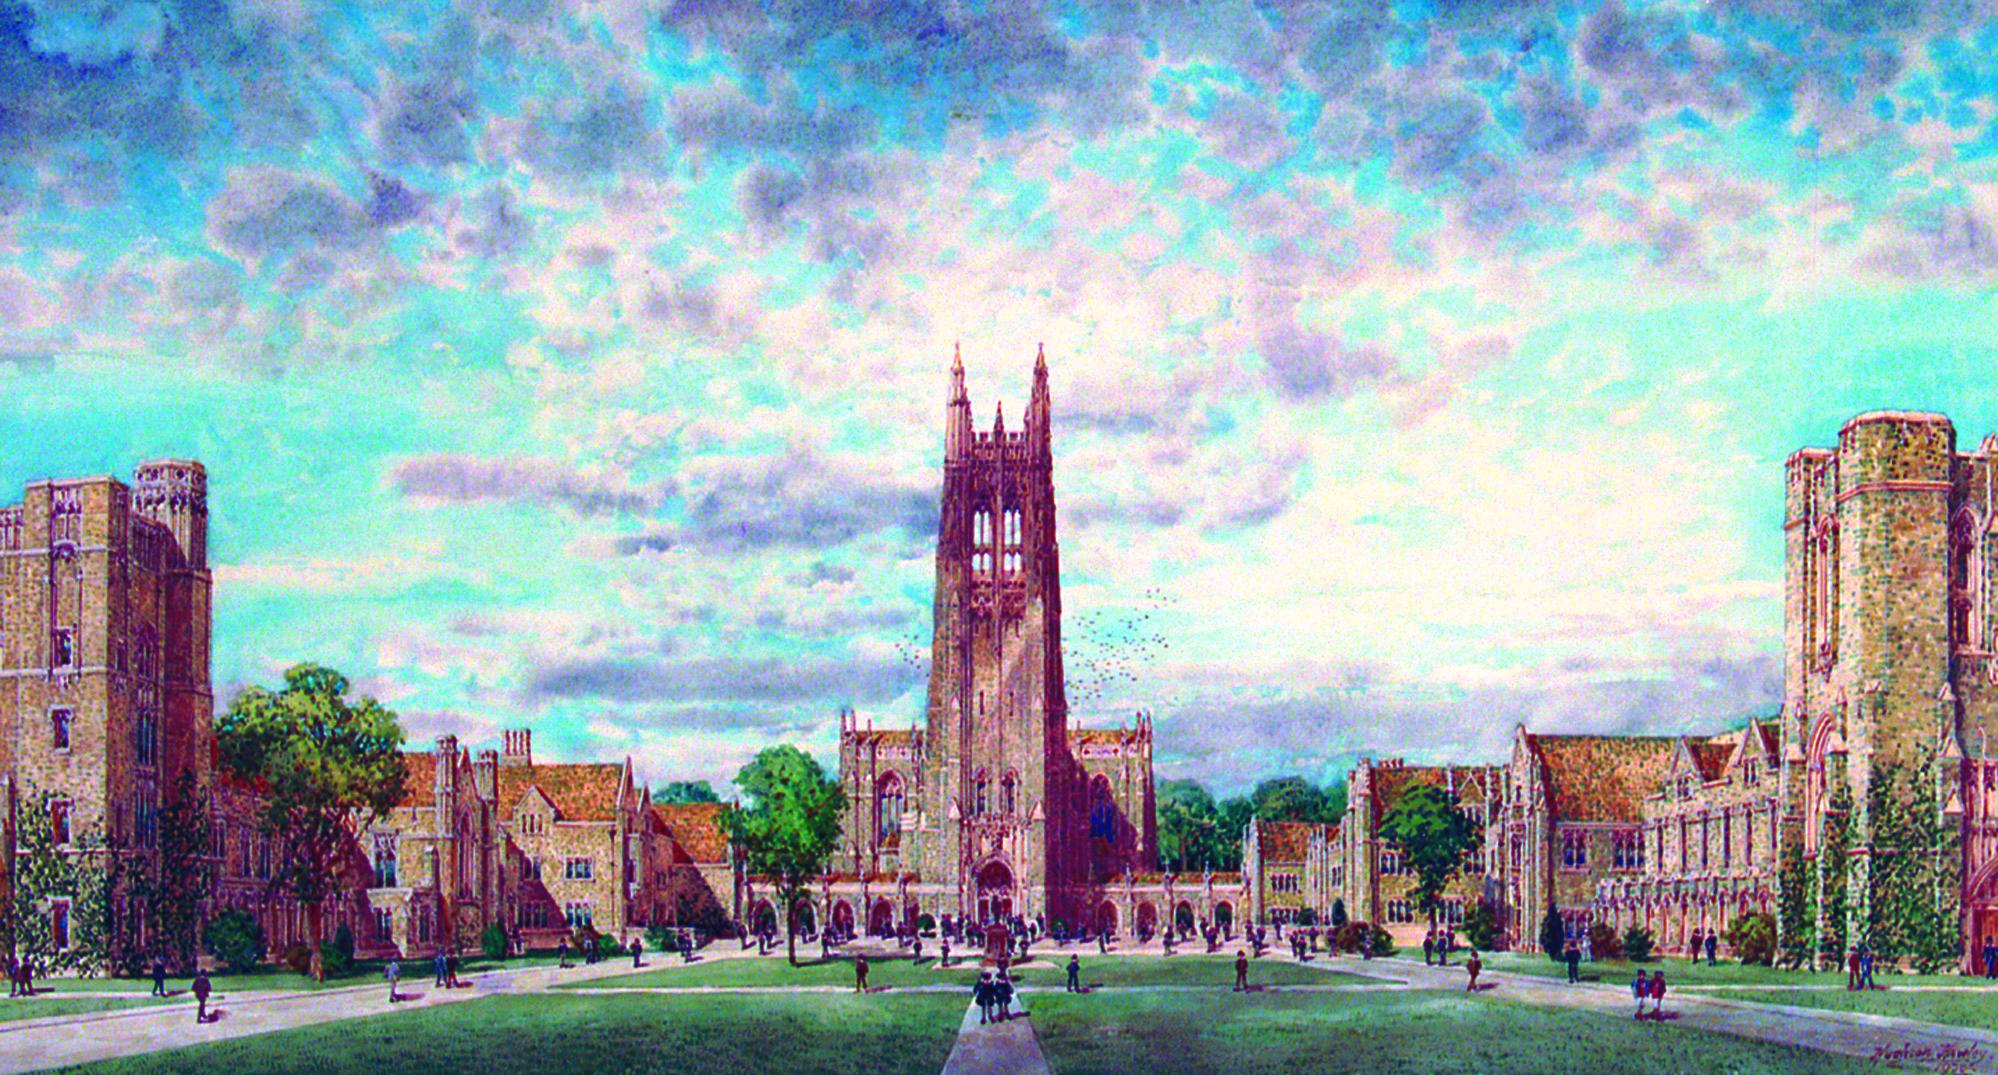 West Campus Duke University